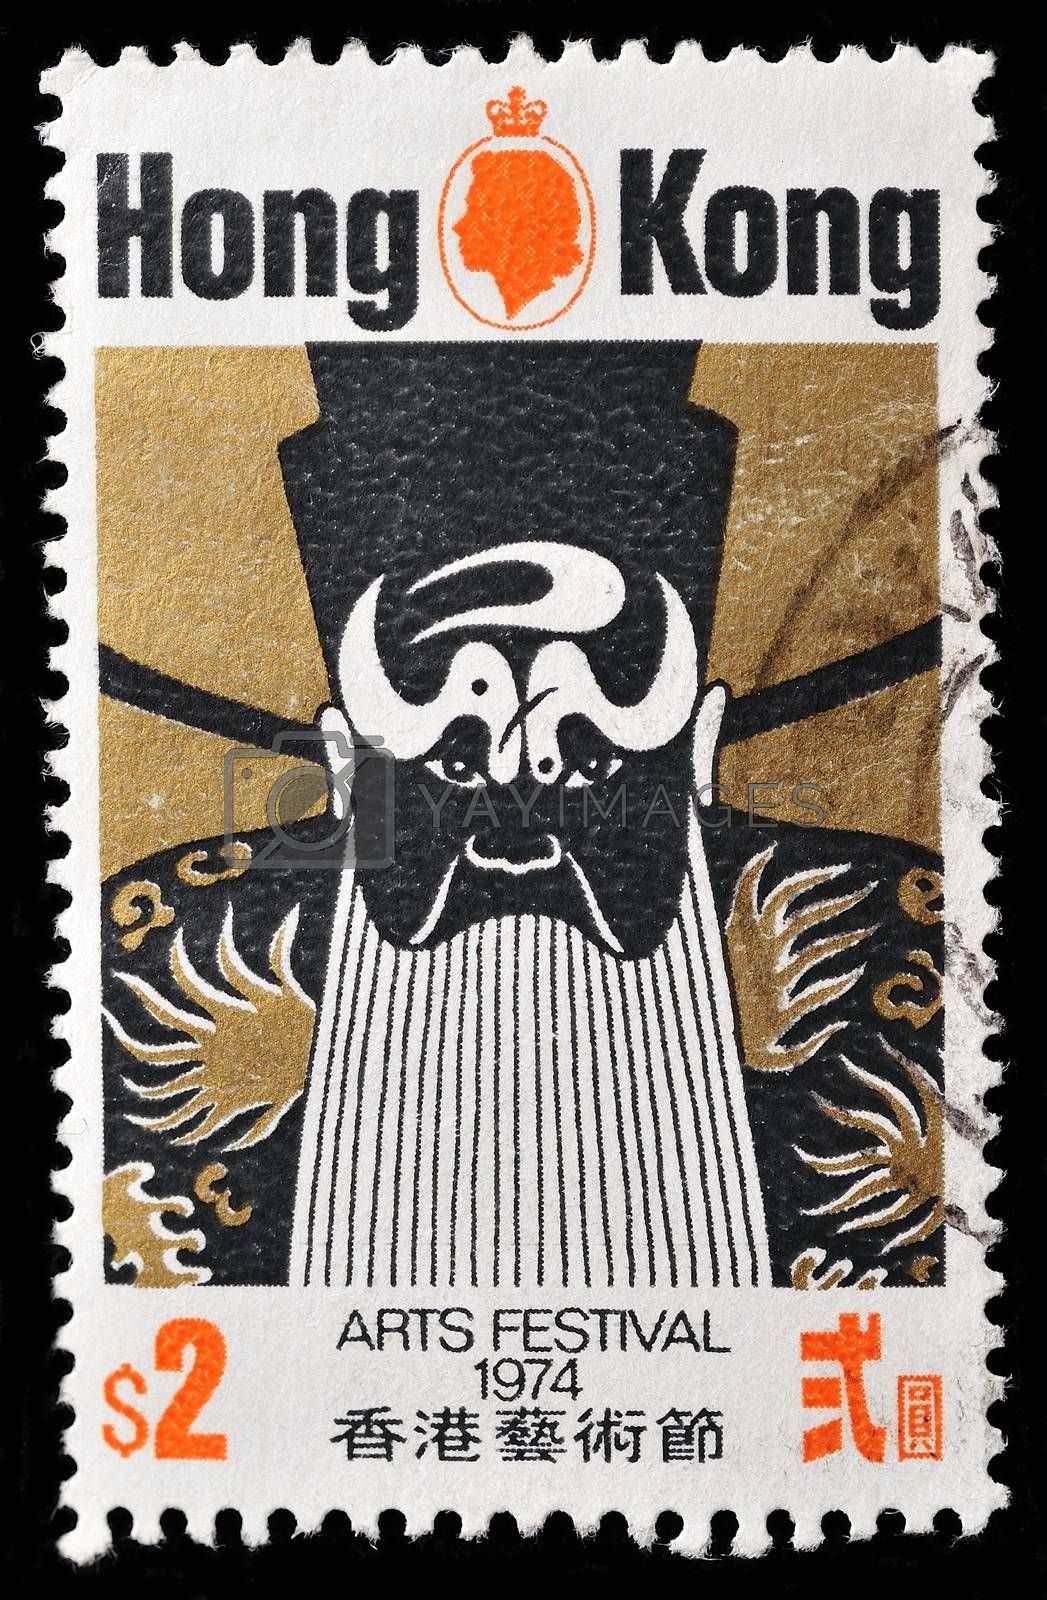 HONG KONG-CIRCA 1974: A stamp printed in Hong Kong shows a Zhongguo Lianpu, types of facial make-up in traditional Chinese opera, circa 1974.